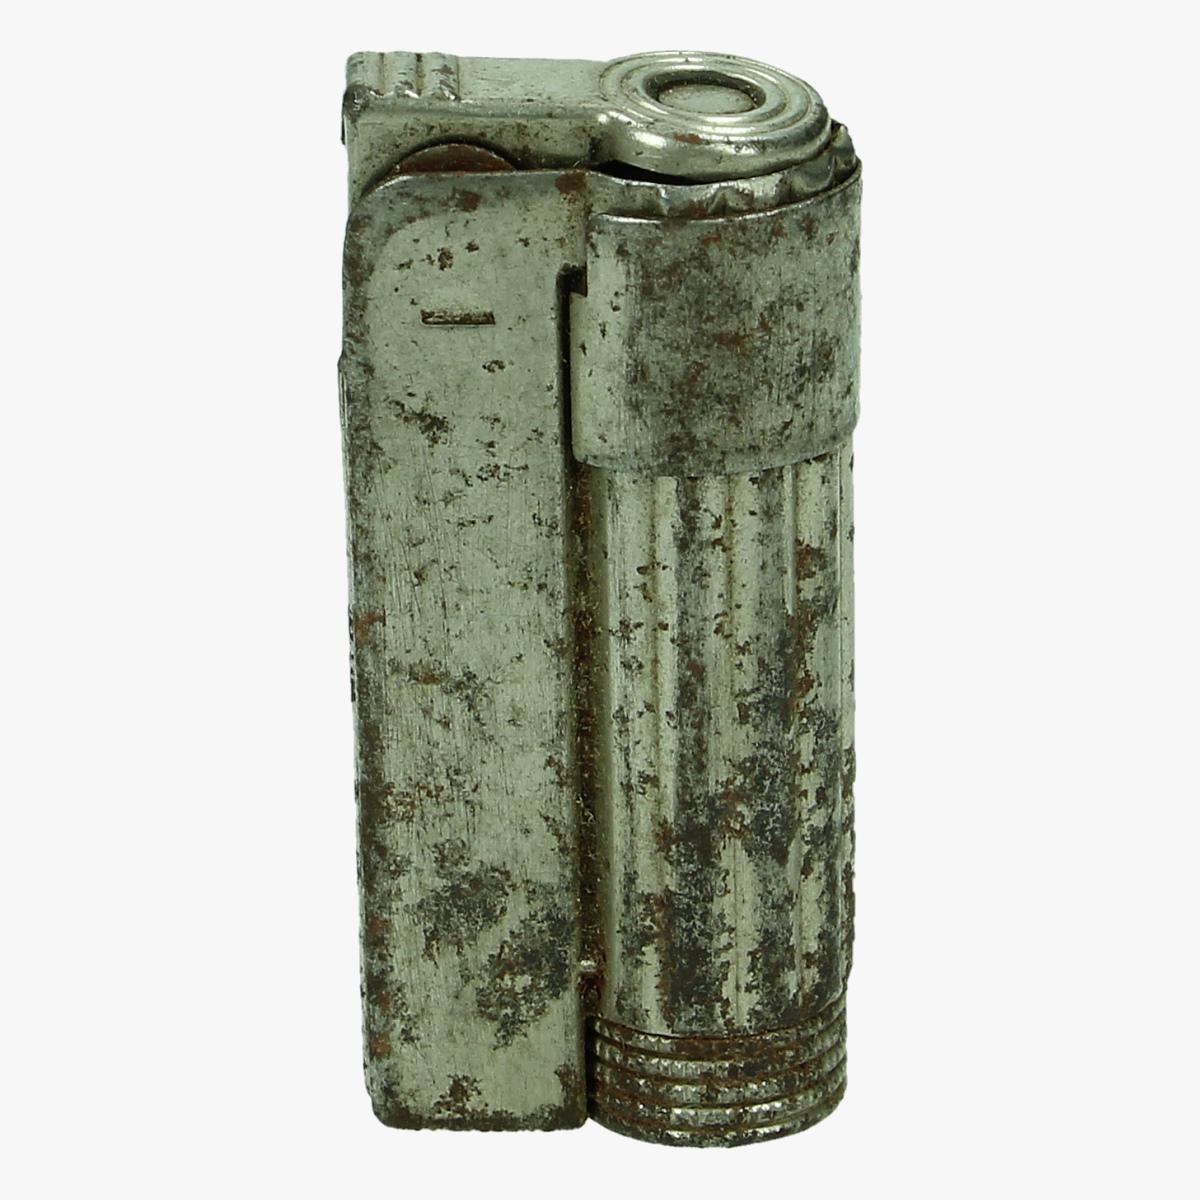 Afbeeldingen van oude aansteker imco triplex